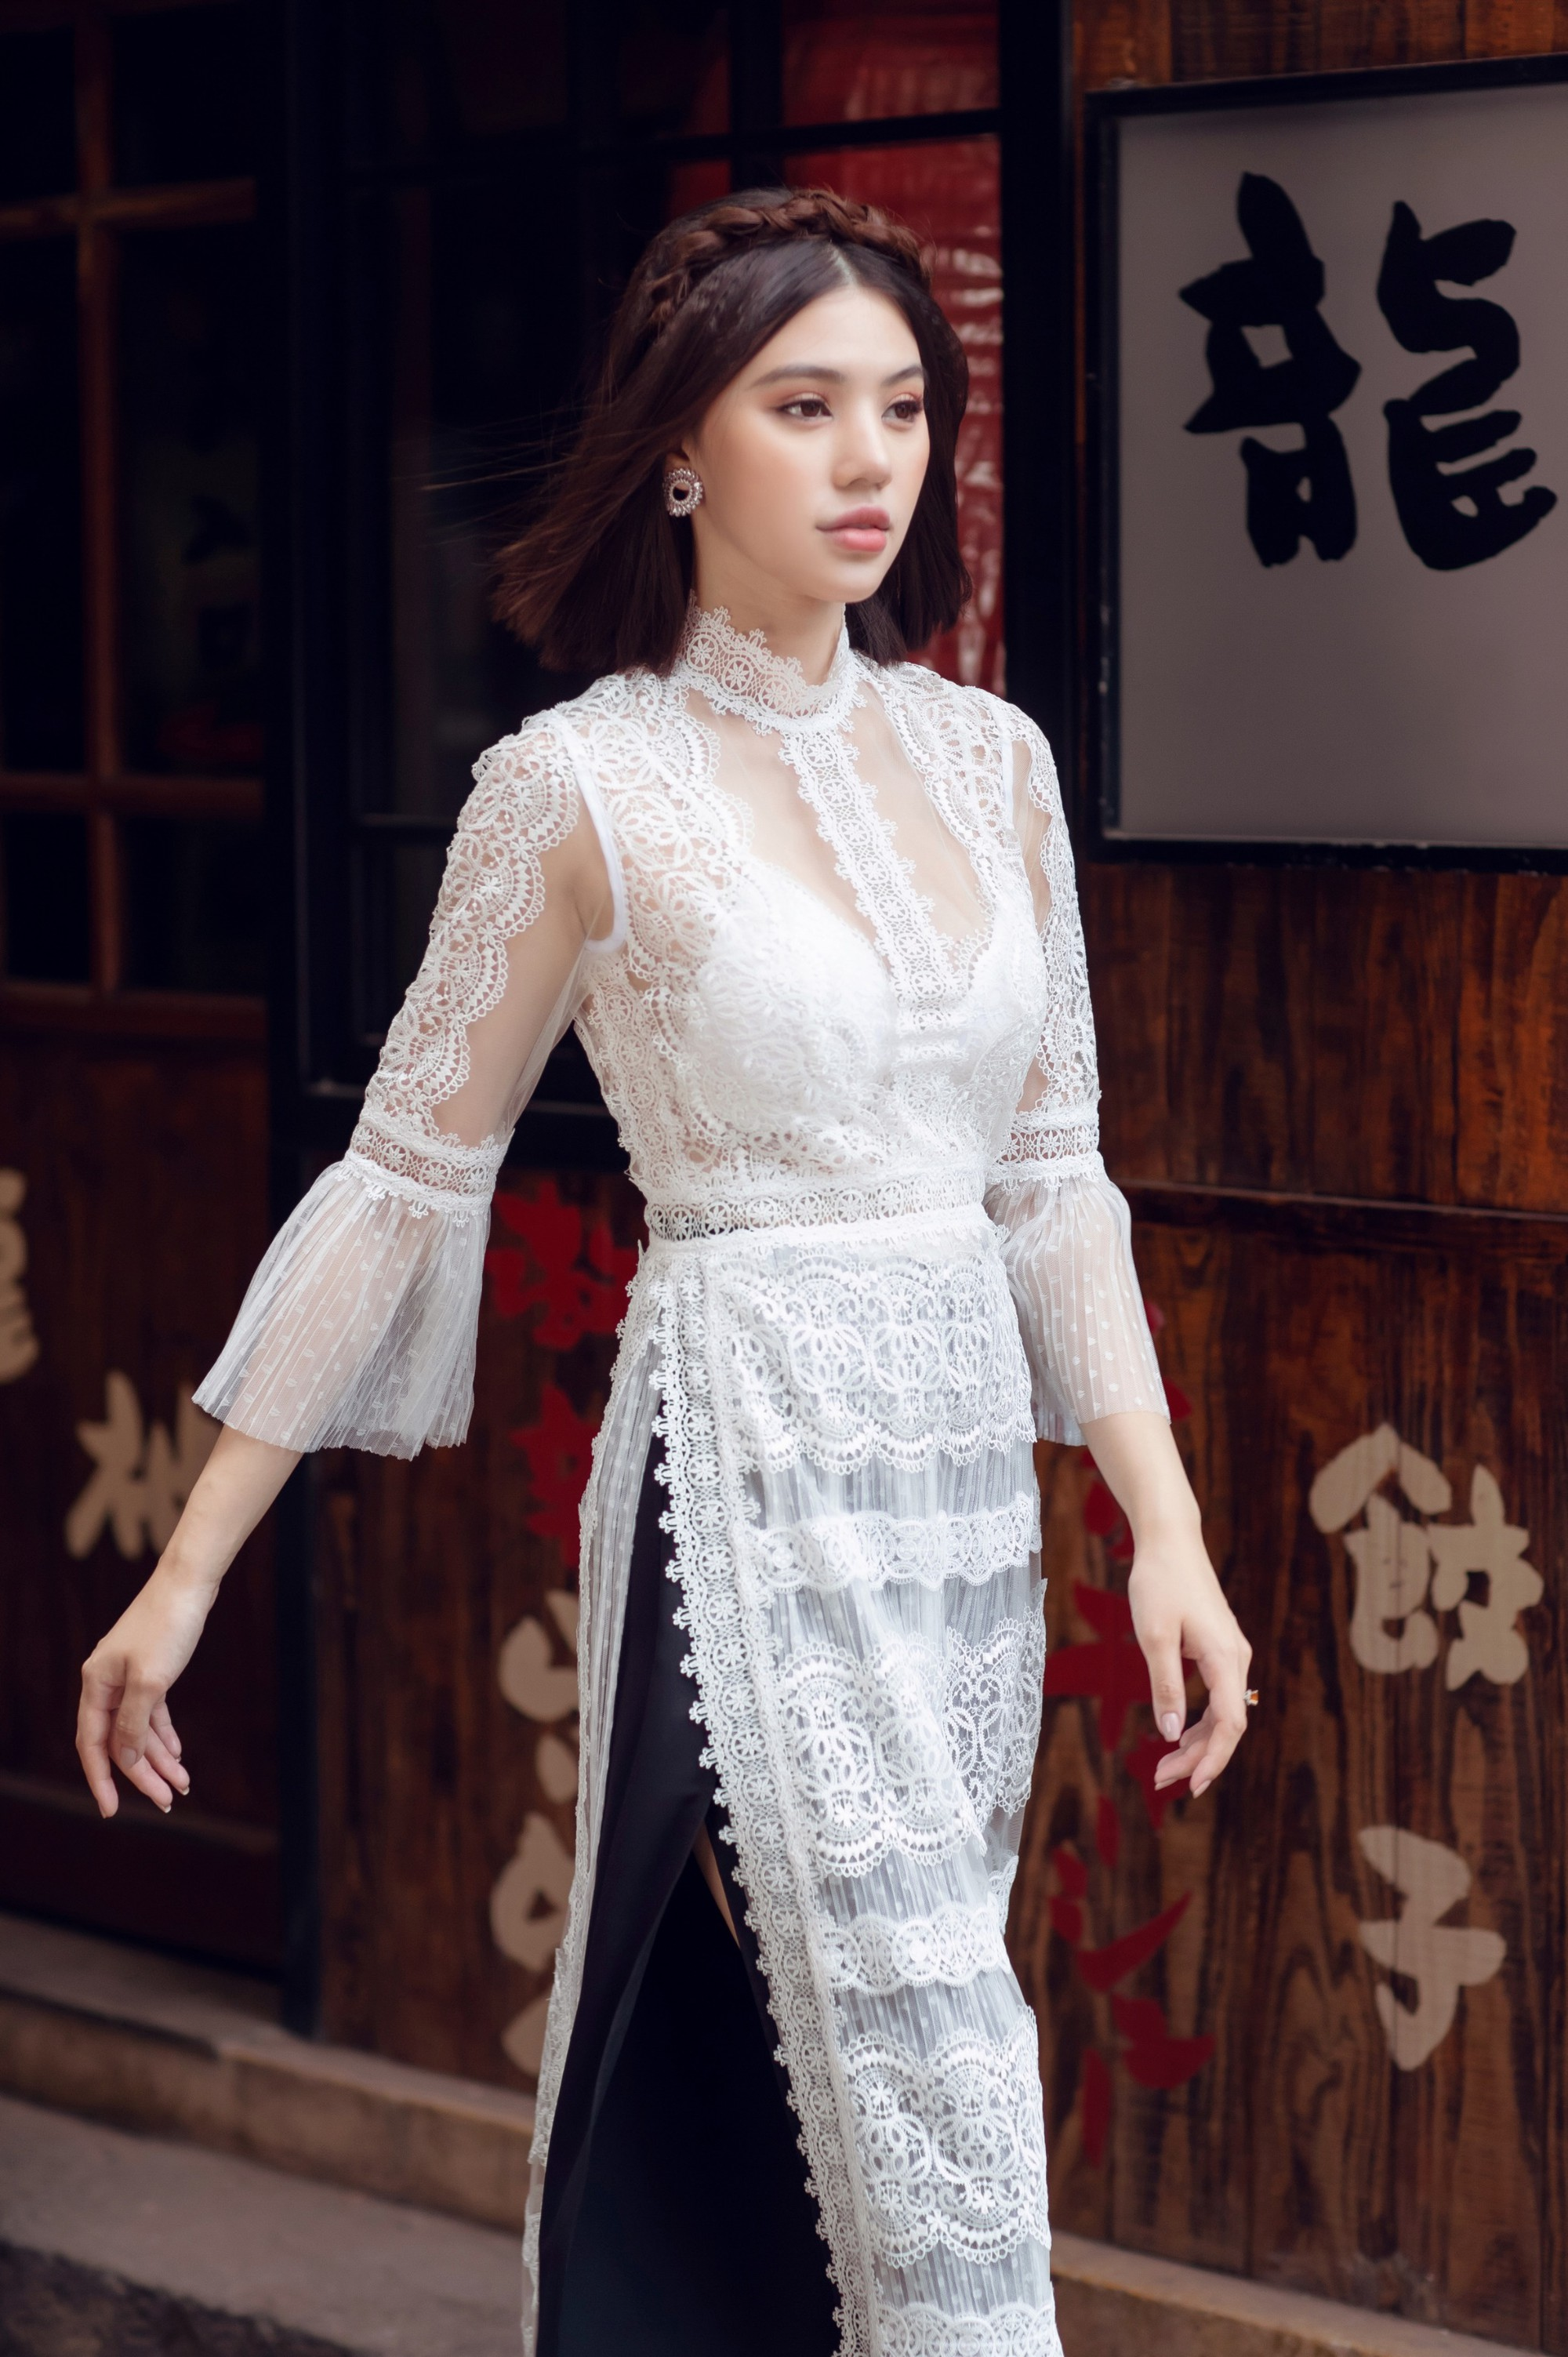 Duyên dáng và năng động khi diện áo dài như Jolie Nguyễn - Ảnh 7.